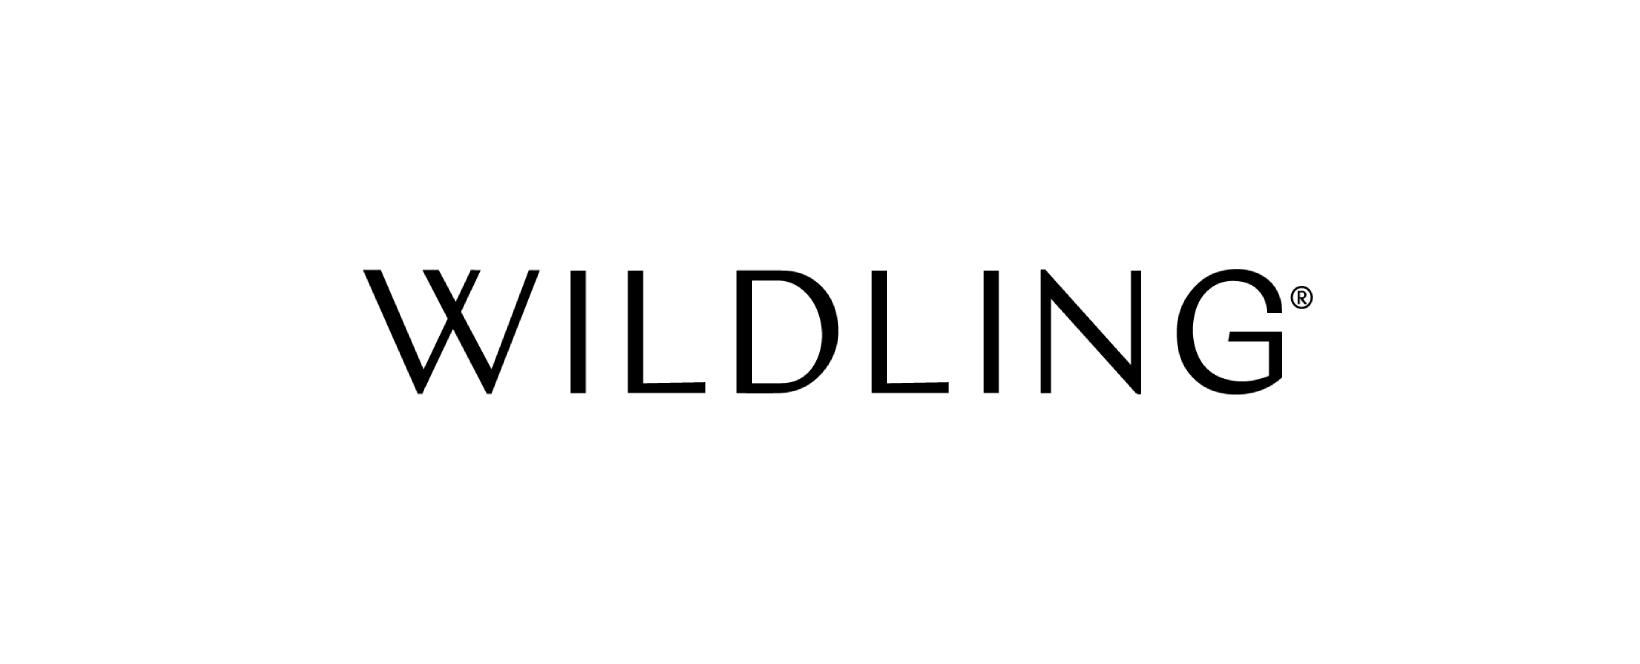 Wildling Beauty Discount Code 2021